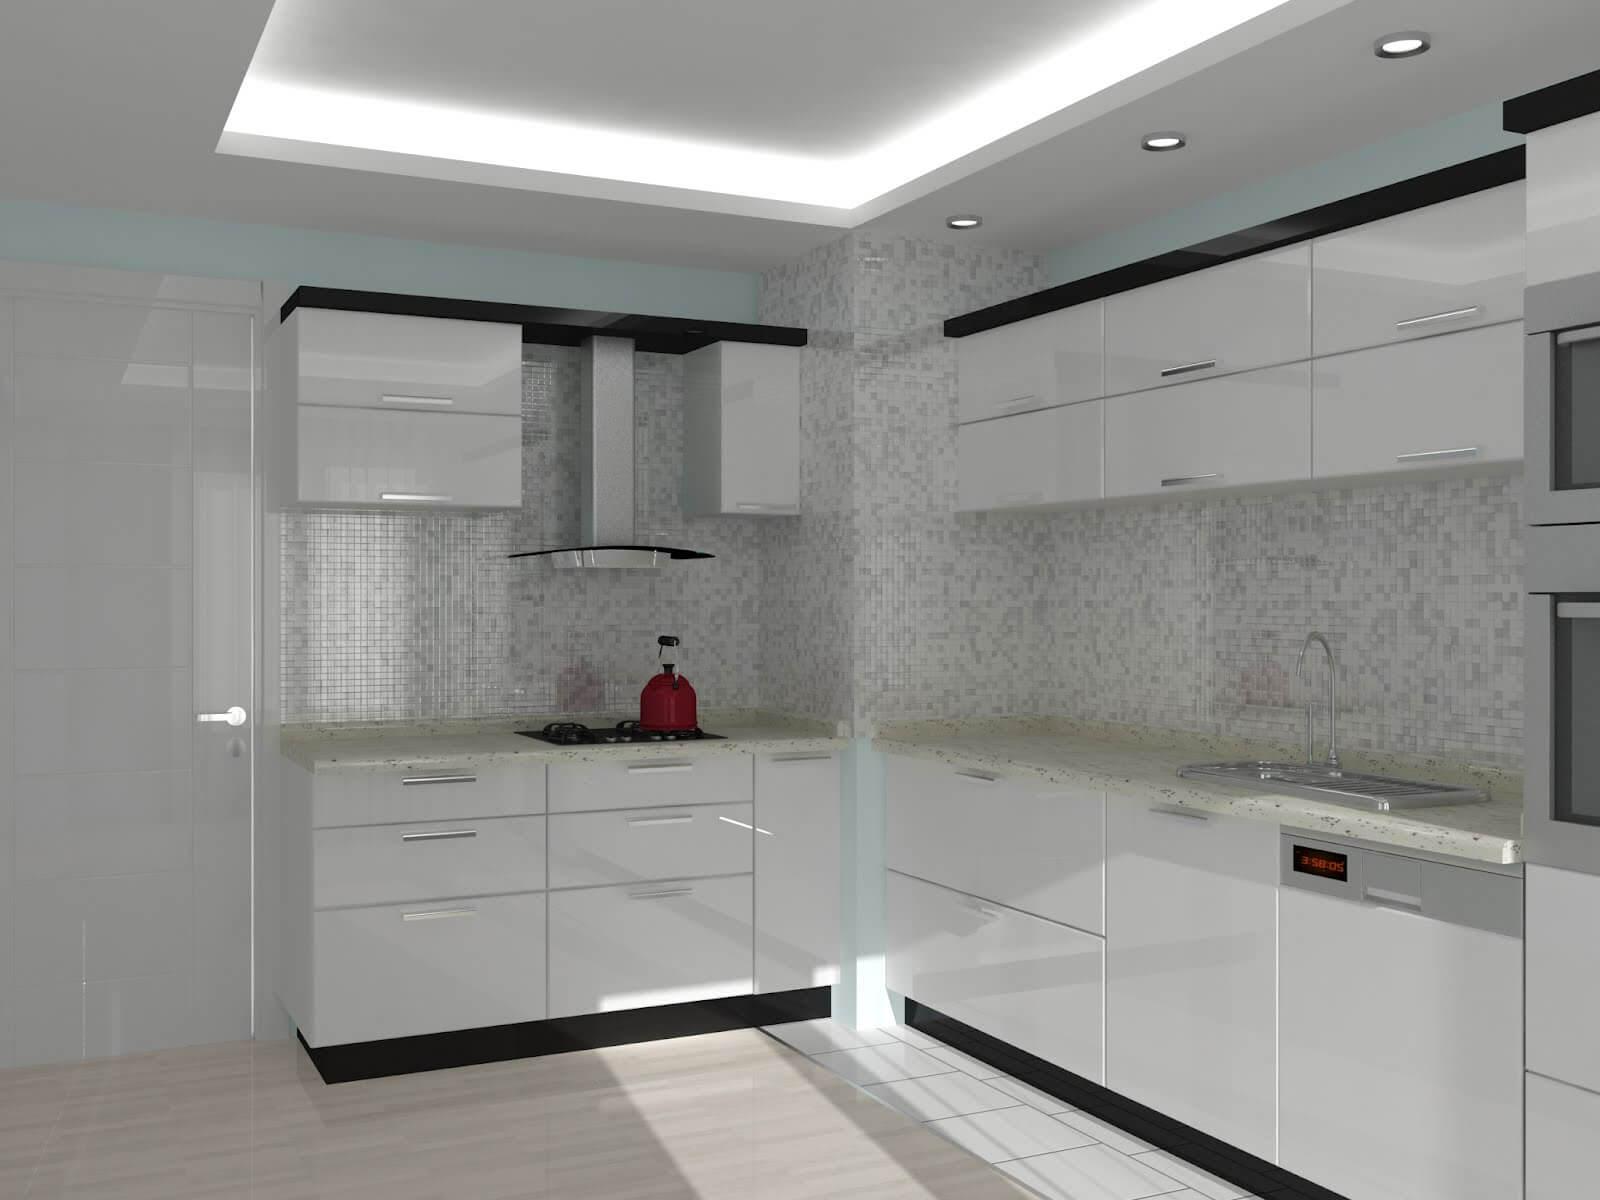 Modern beyaz mutfak dolab dizayni en son dekorasyon modelleri - Son Zamanlarda Lake Mutfak Dolaplar Modelleri En Ok Se Im Yap Lan Modeldir D Ekil Ve De Erlendirme Bak M Ndan Epeyce D Nsel Olan Lake Kapaklar Olan